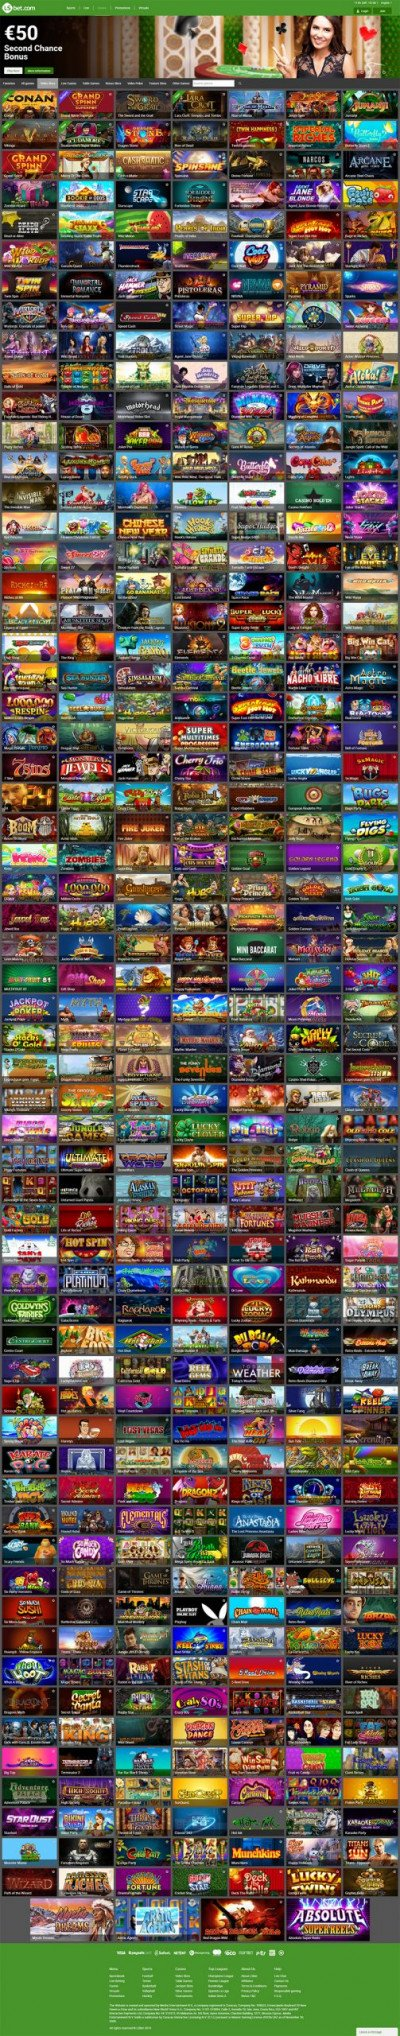 LSbet Casino Screenshot